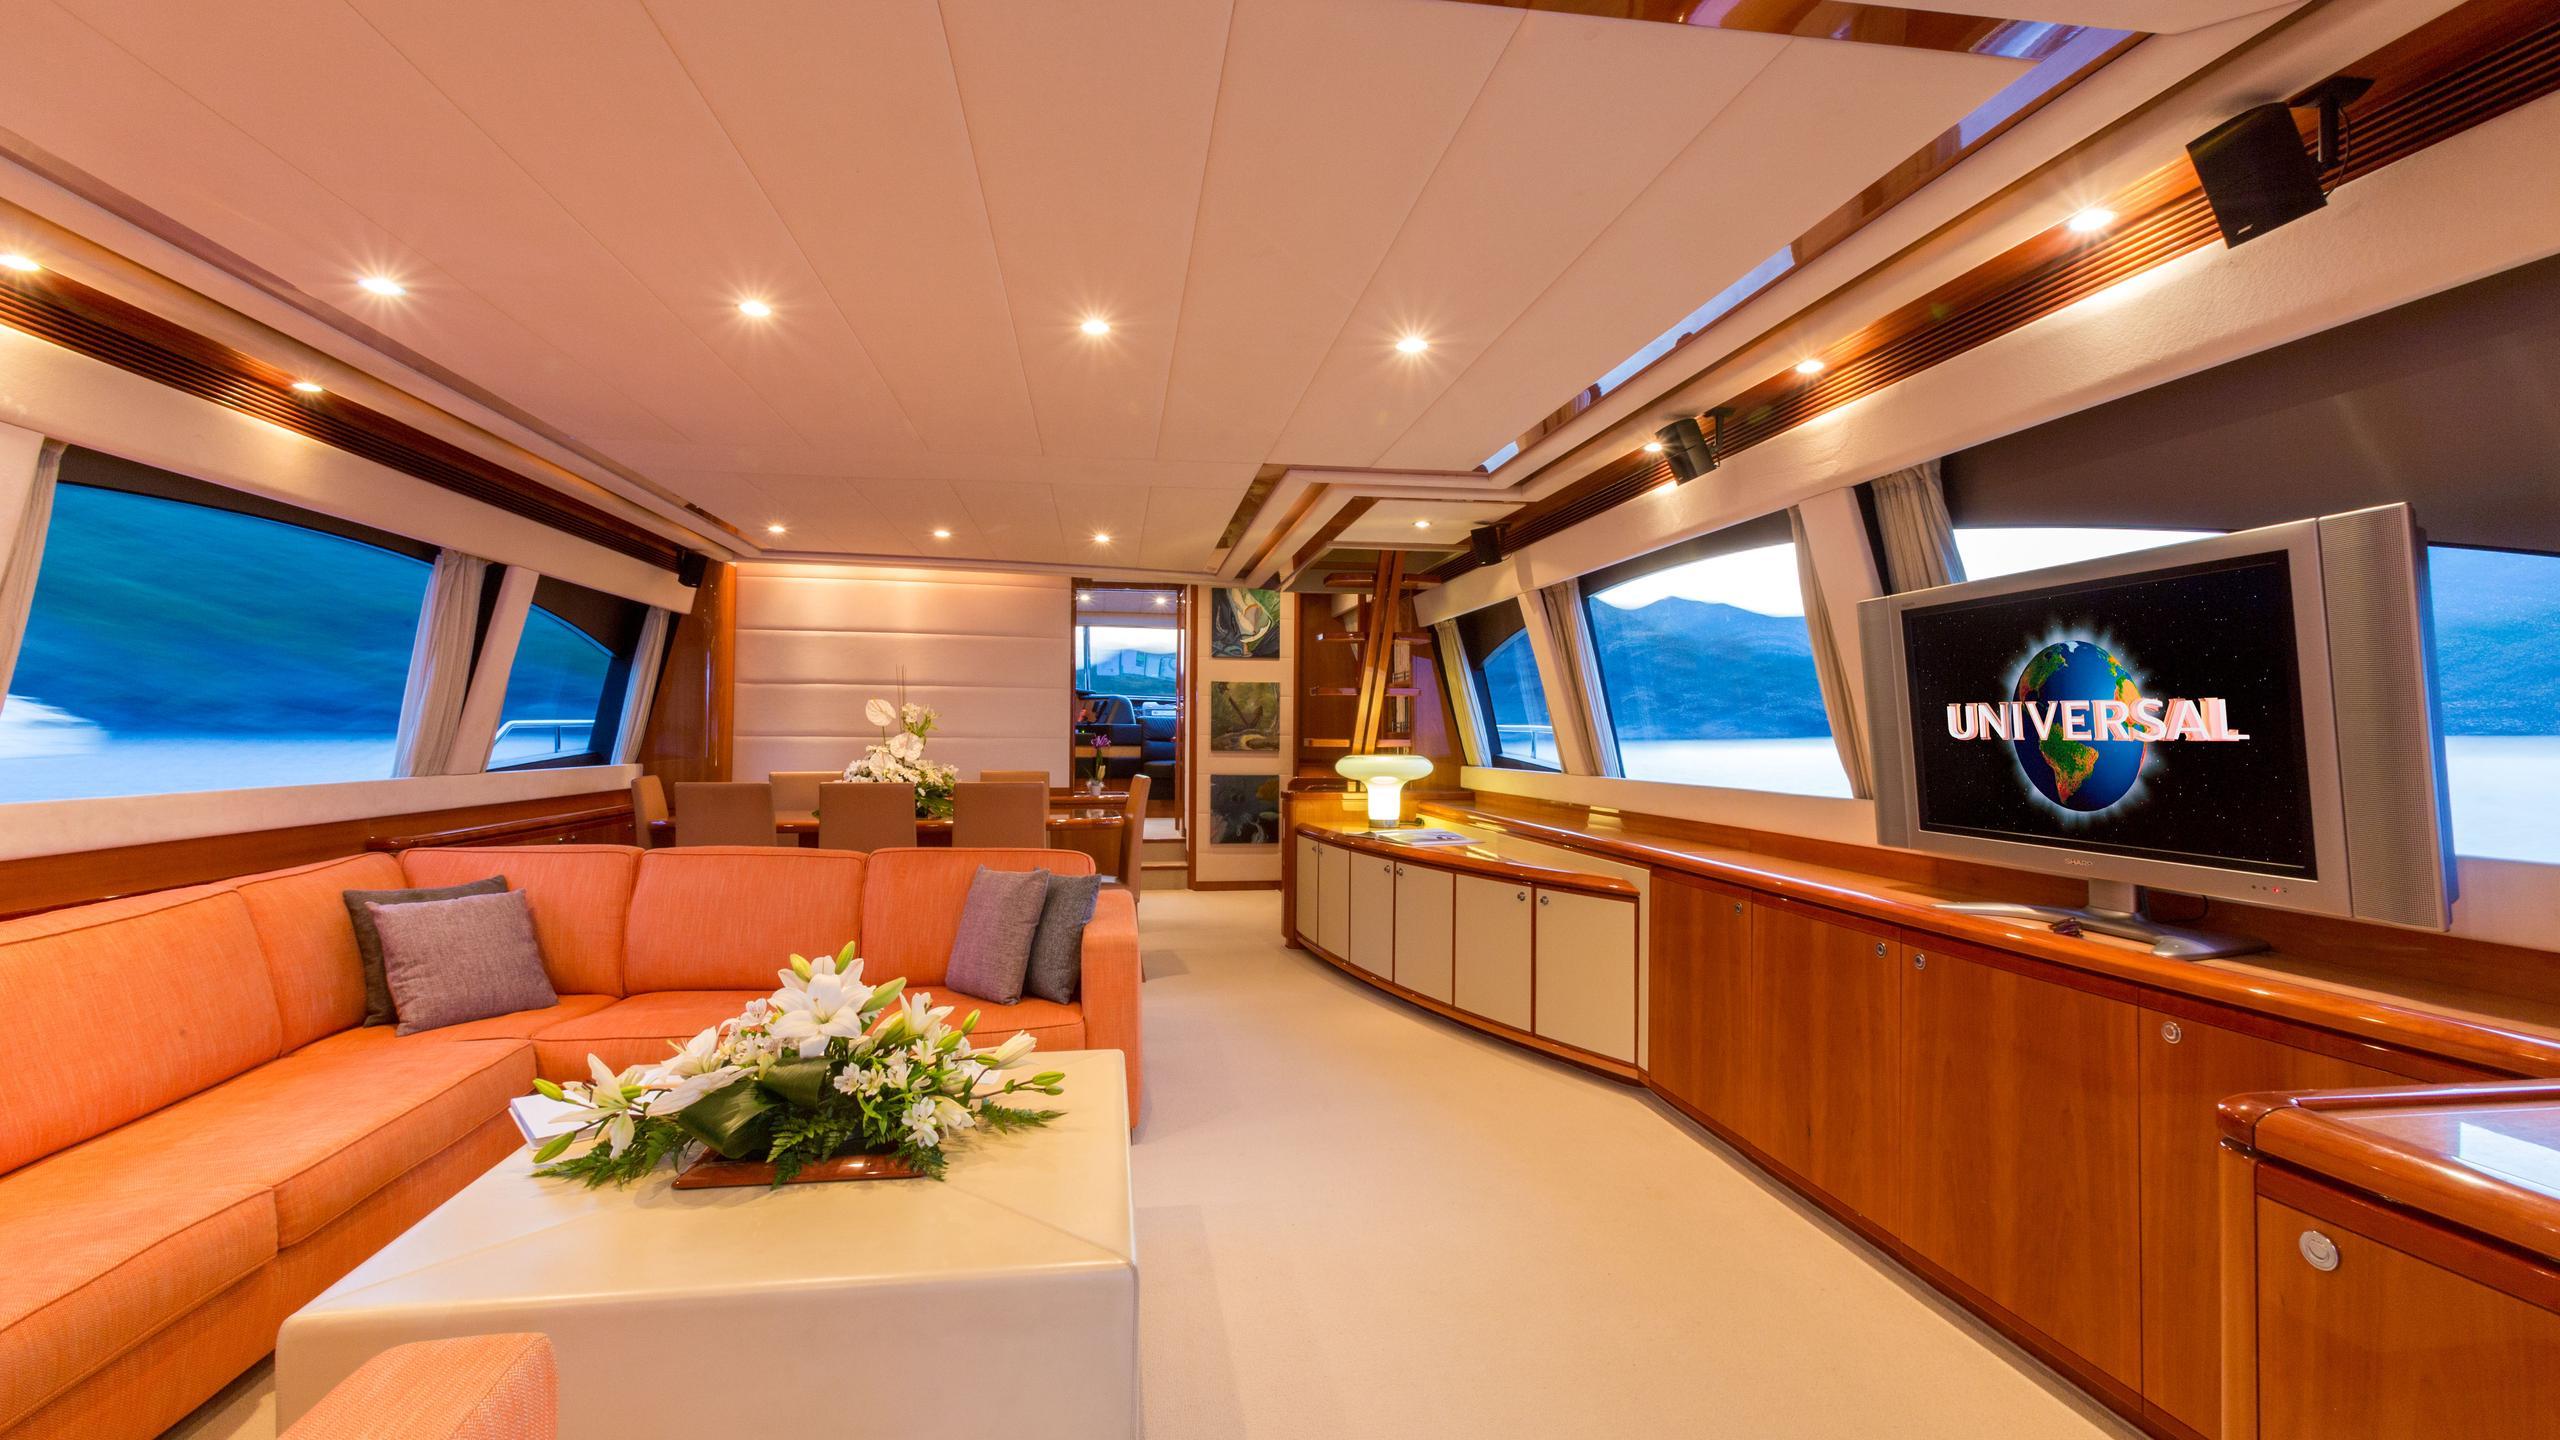 monticello-ii-yacht-saloon